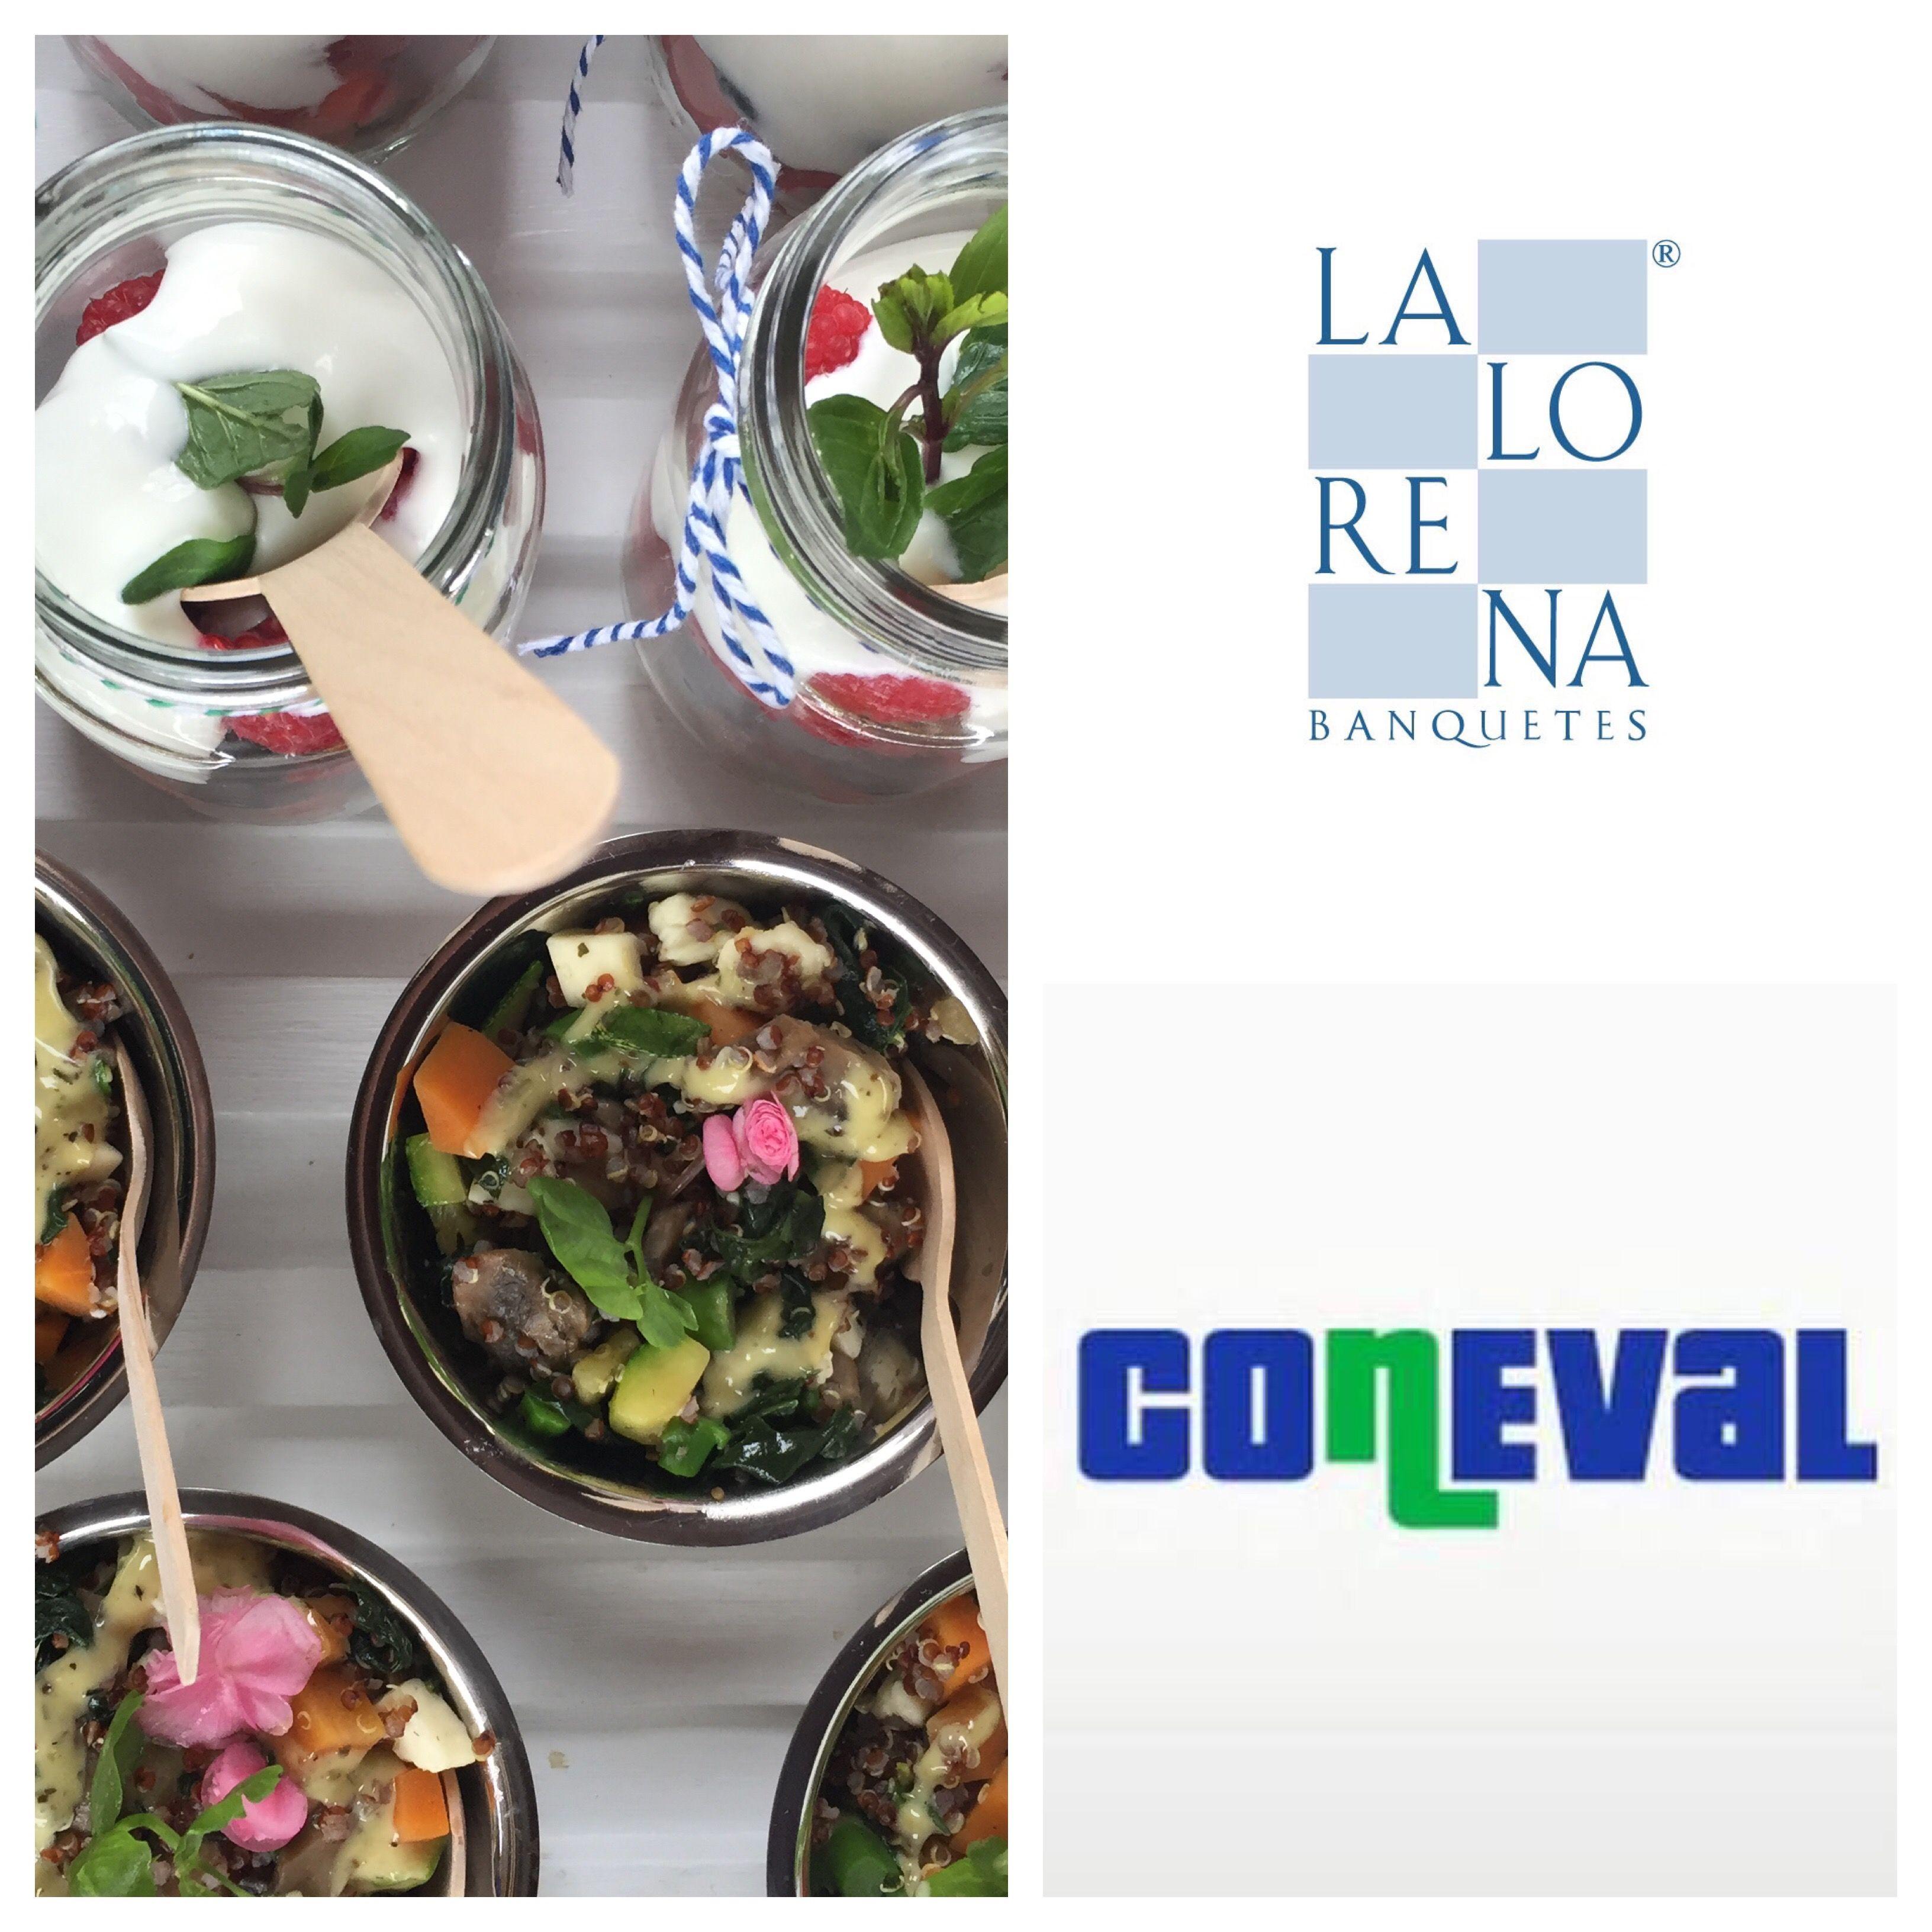 La Lorena Banquetes + Coneval + Desayuno.. #lalorena #banquetes #Coneval #desayuno #café☕️🍽🍪💚